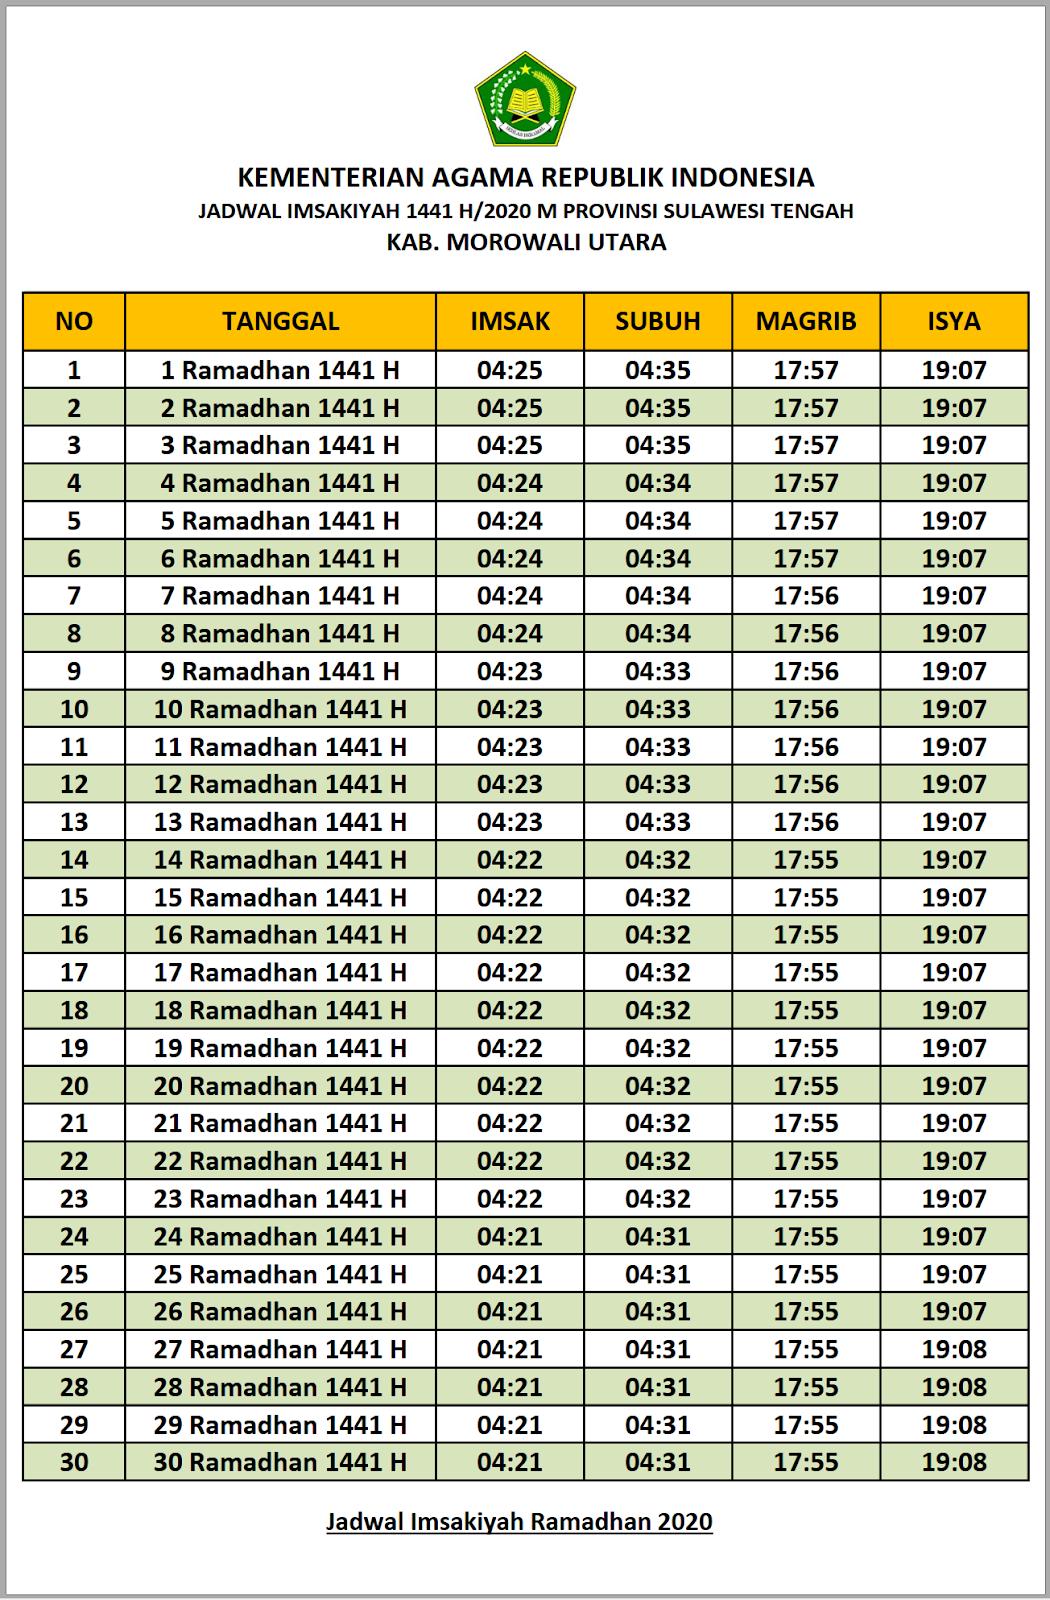 Jadwal Puasa Morowali Utara 2020